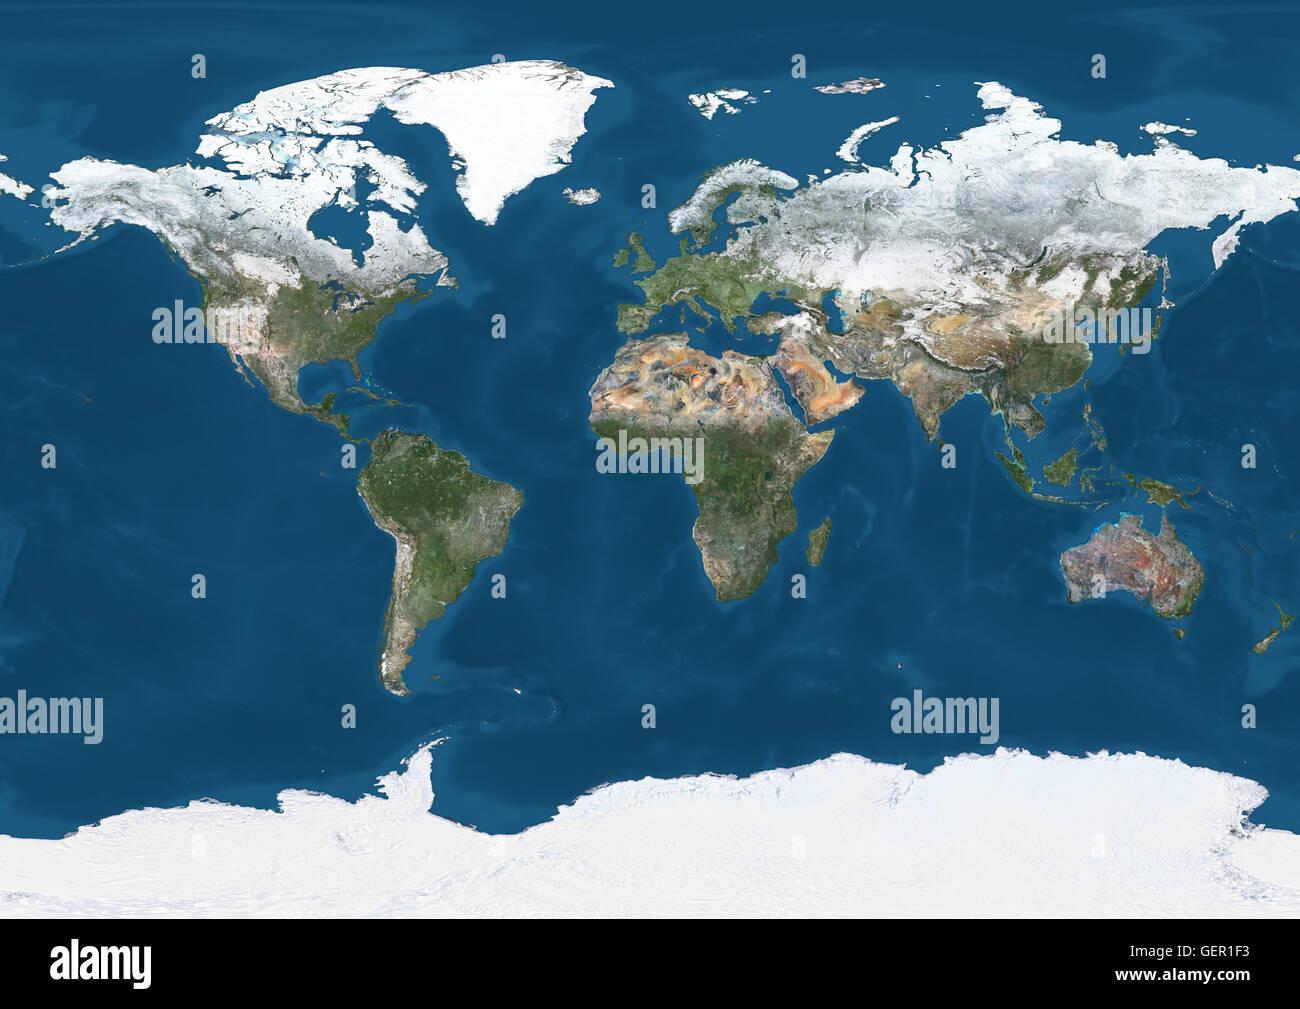 Cartina Satellitare Mondo.Mondo Mappa Satellitare In Inverno Con Parziale Copertura Di Neve Questa Immagine E Stata Elaborata Sulla Base Dei Dati Acquisiti Dal Satellite Landsat 7 8 Satelliti Foto Stock Alamy